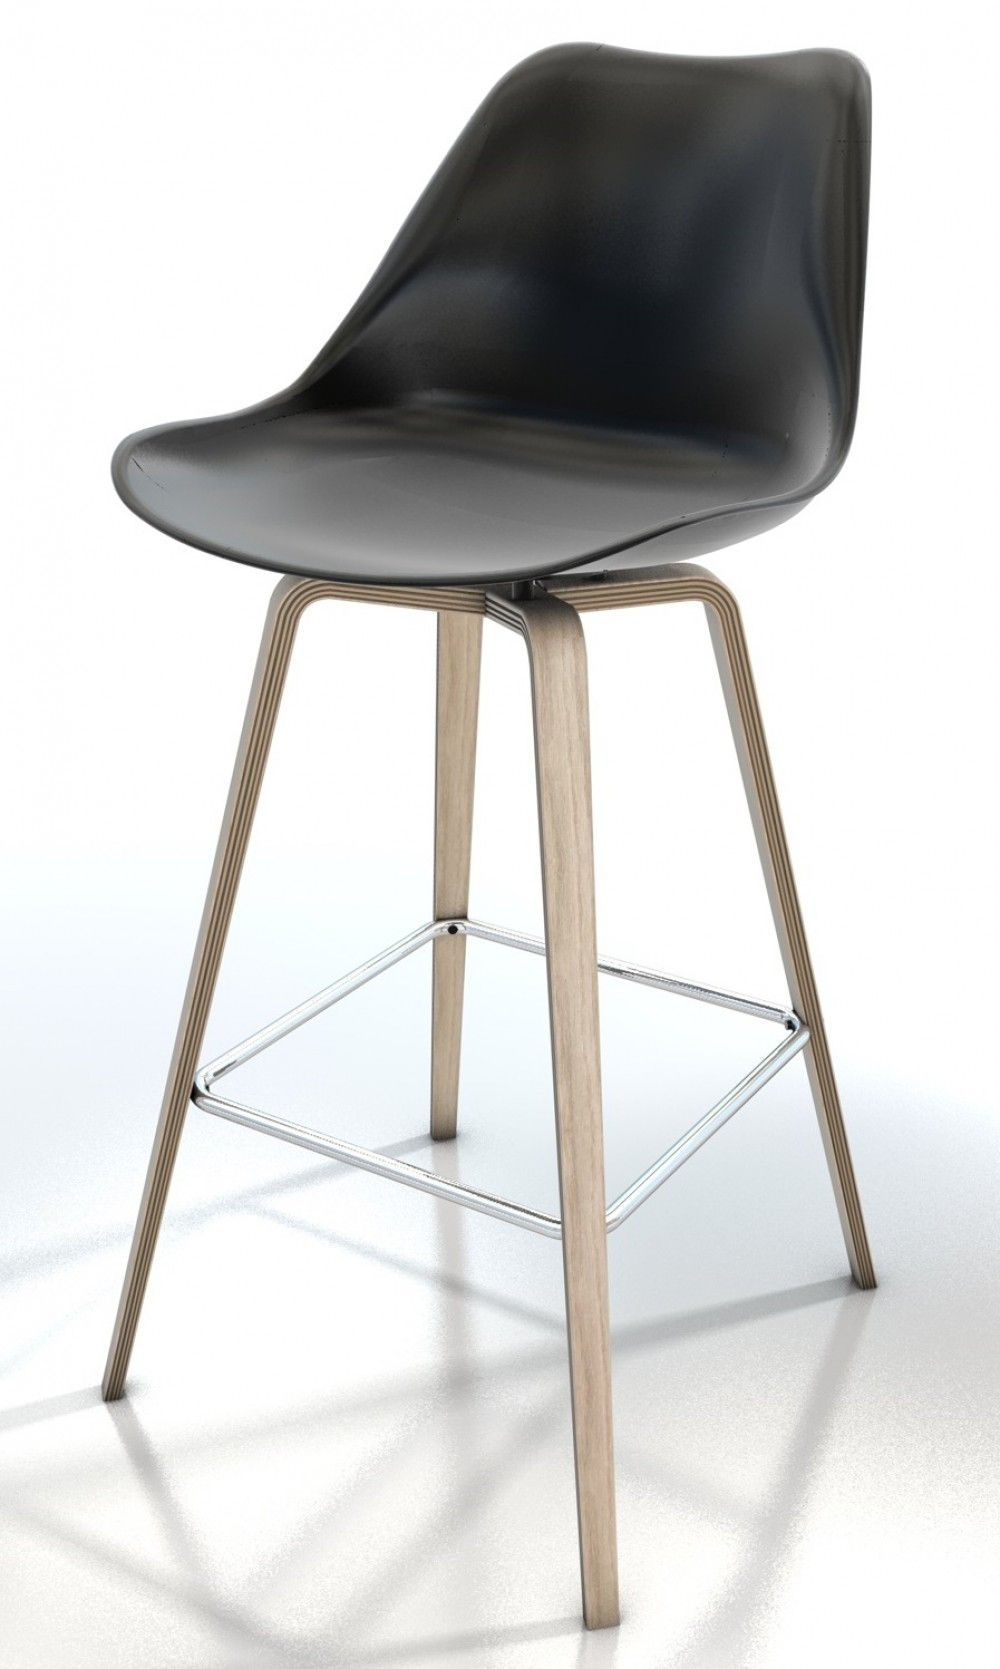 Sitzhöhe Barhocker barhocker schwarz barstuhl gepolstert sitzhöhe ca 70 cm